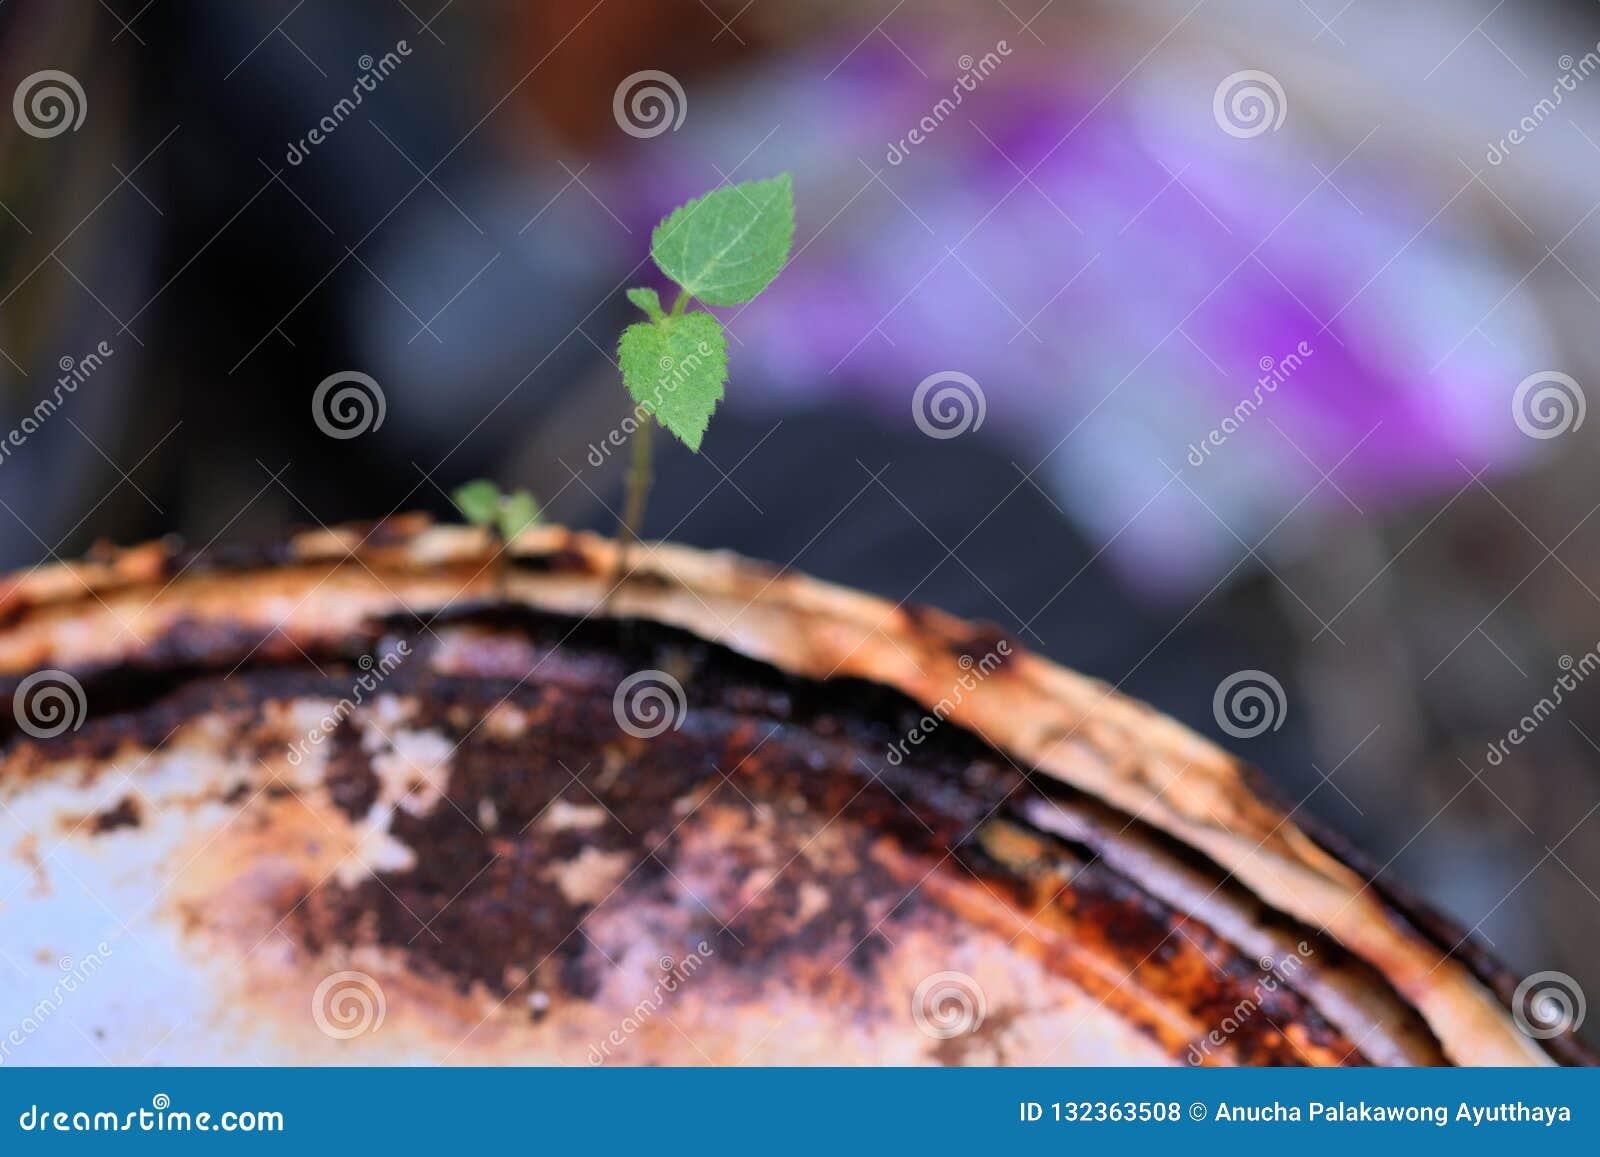 Överlevnad av unga växter som växer